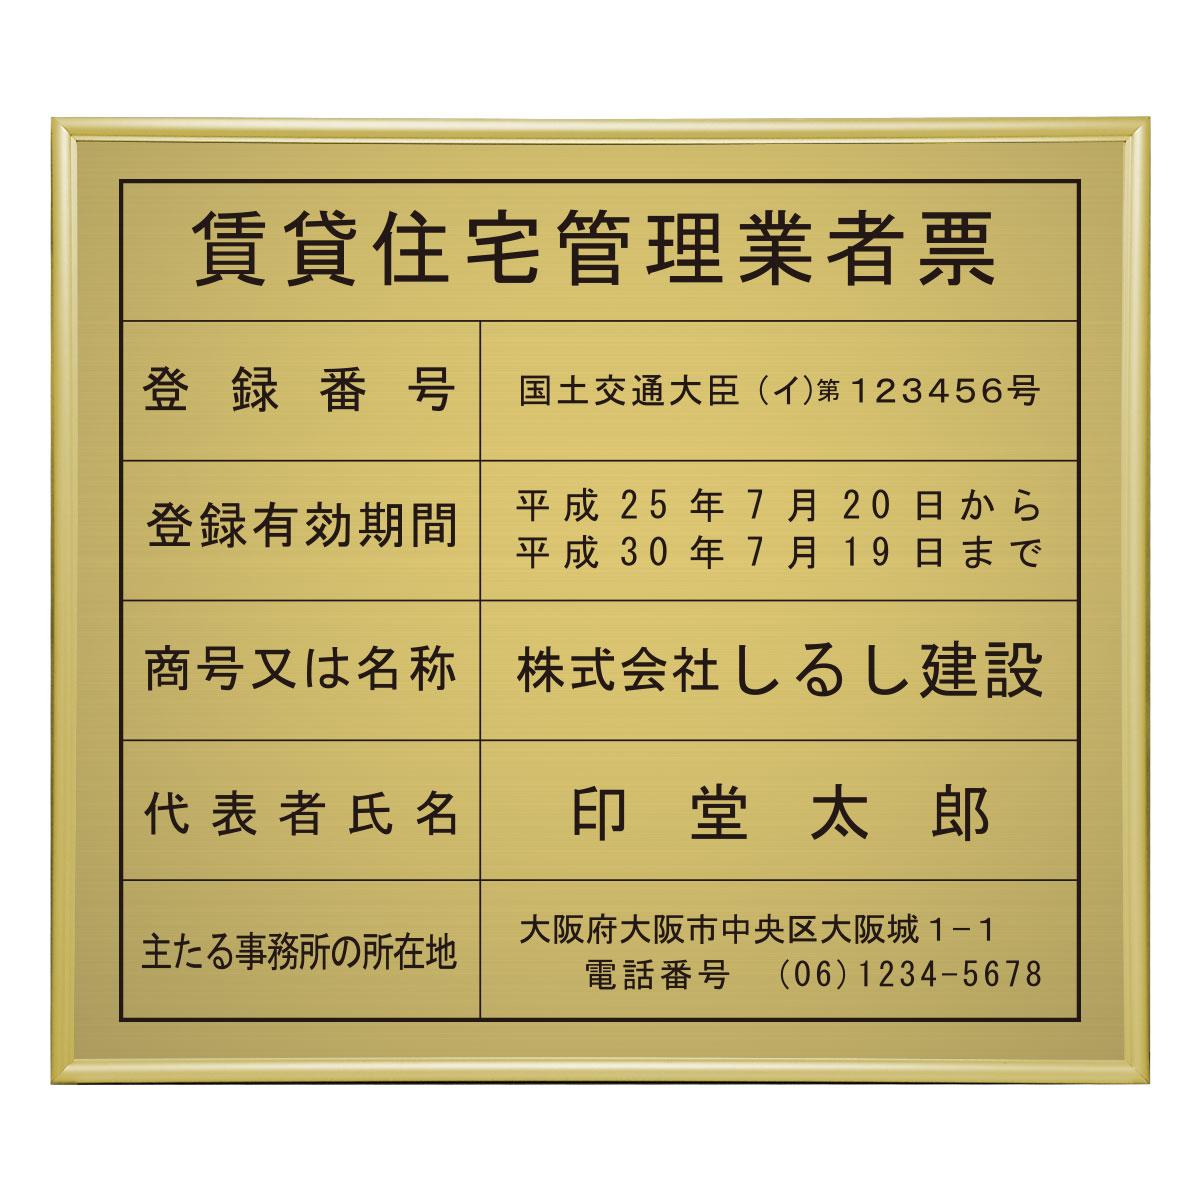 賃貸住宅管理業者登録票ゴールド調 / 店舗 事務所用看板 文字入れ 名入れ 別注品 特注品 看板 法定看板 許可票